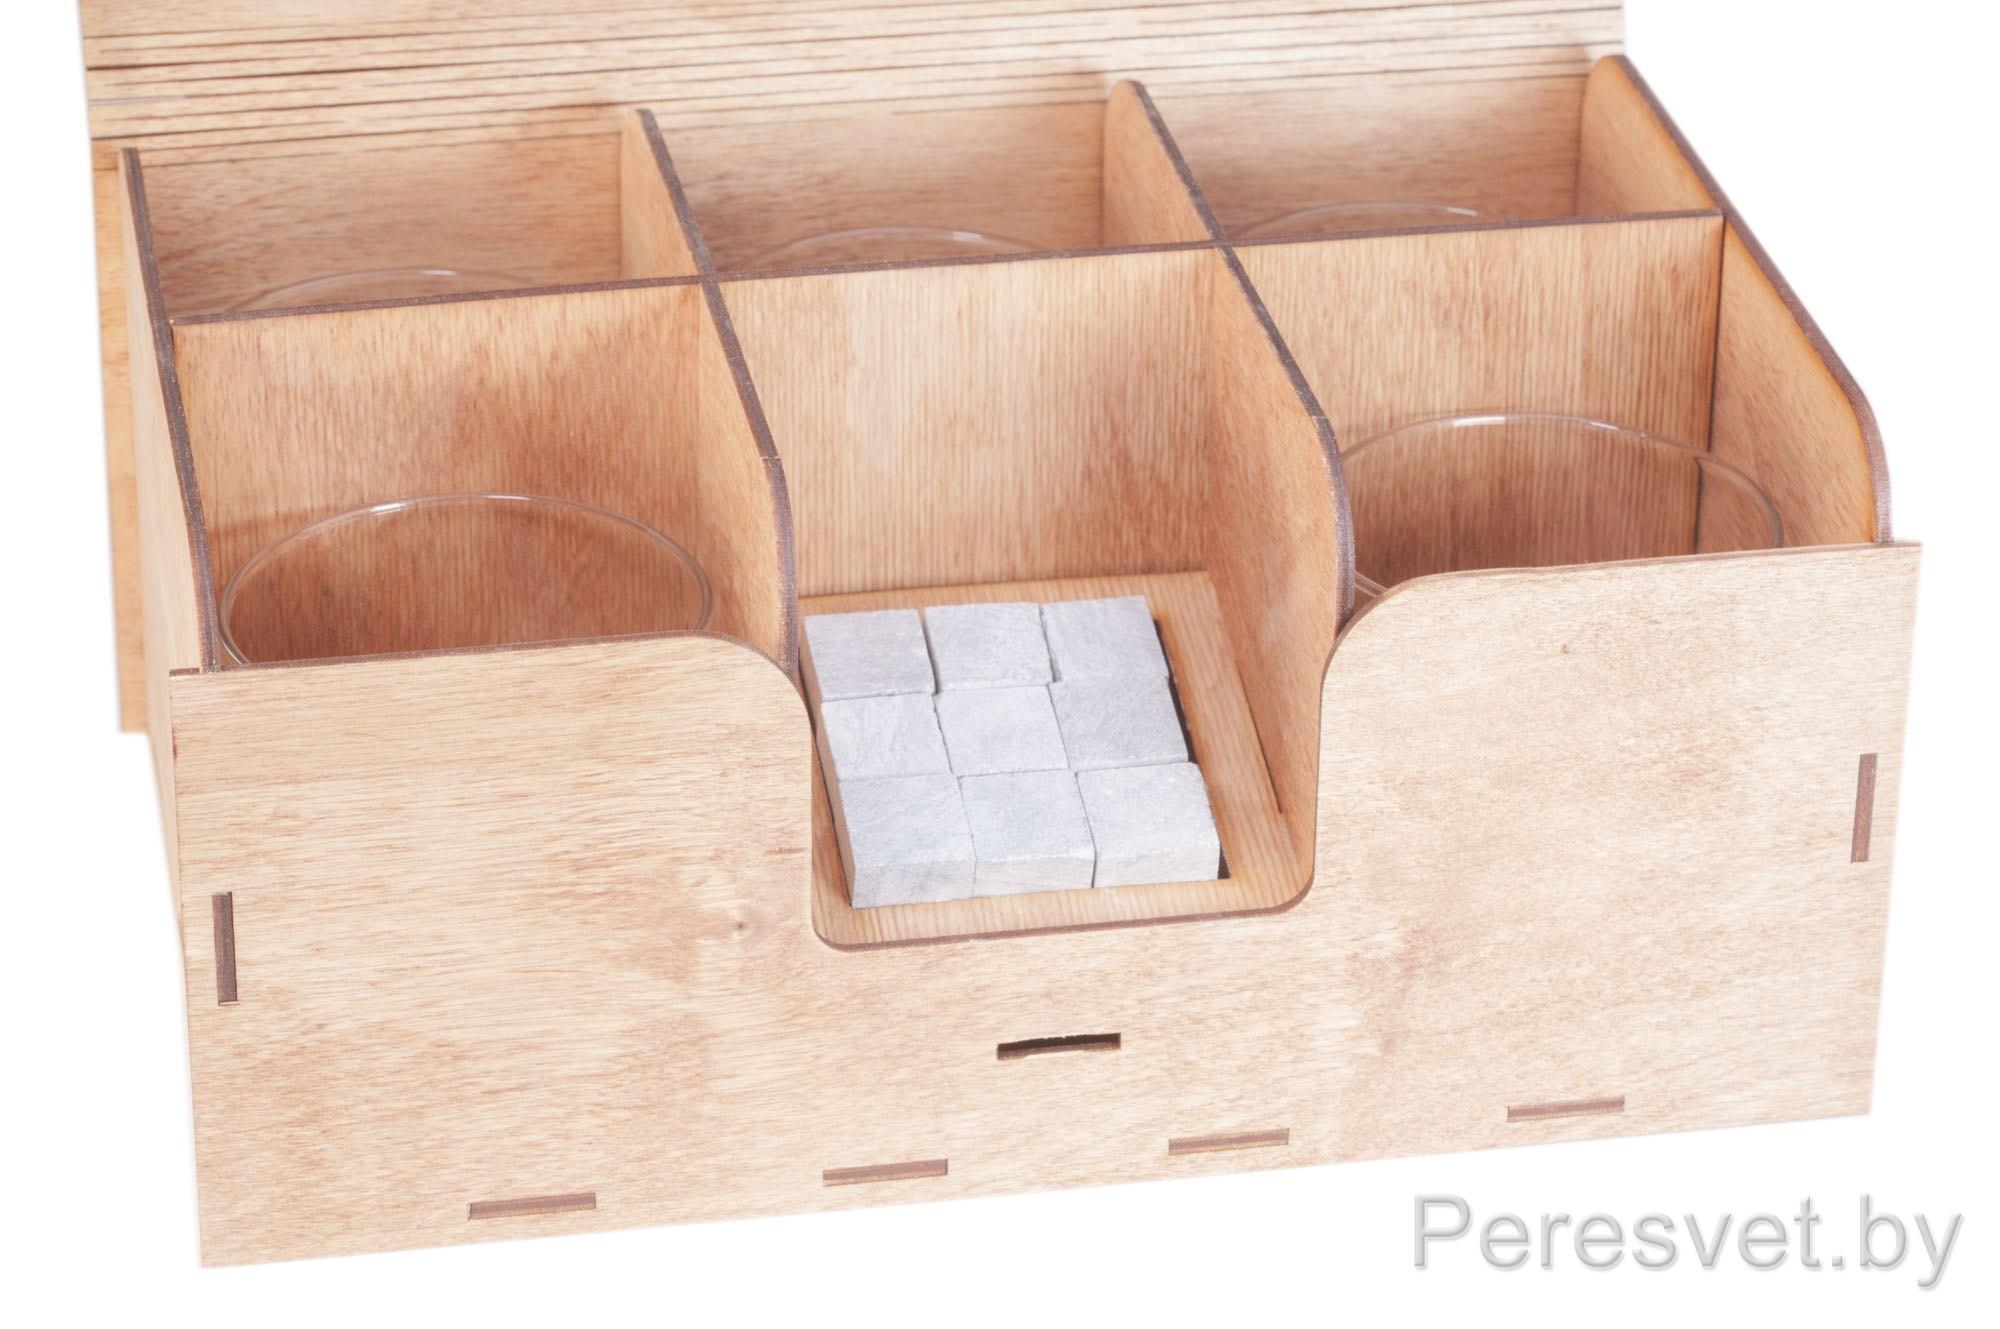 Подарочный набор Камни для виски 9шт с 5 стаканами Резерфорд на peresvet.by